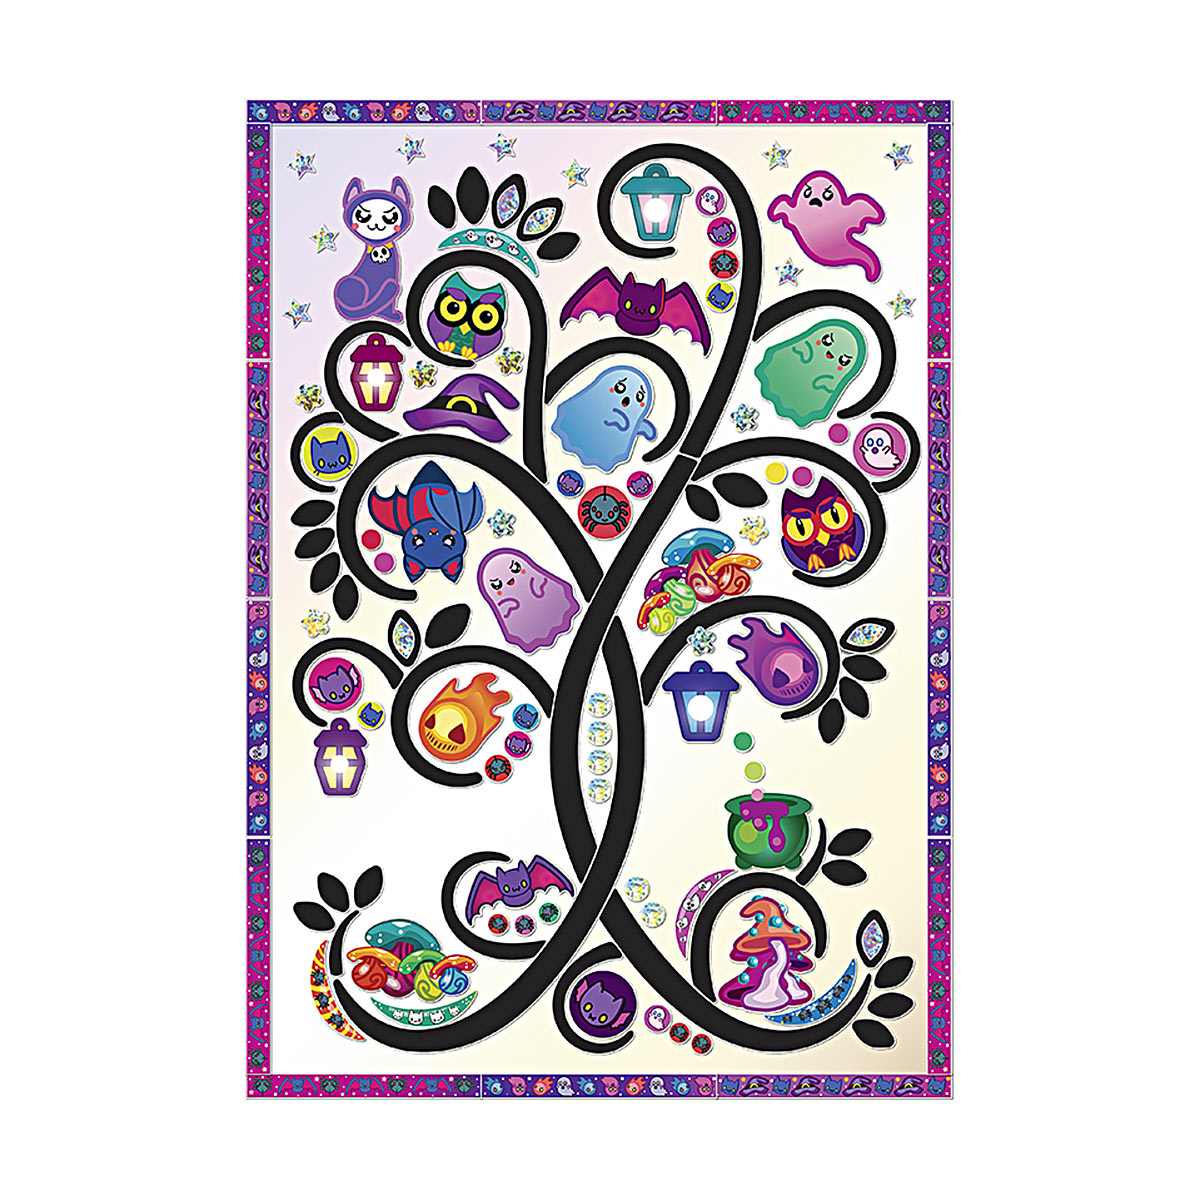 АС 43-326 Набор для изготовления картины 'Мистическое дерево' (декорирование) 210*297 мм Клевер